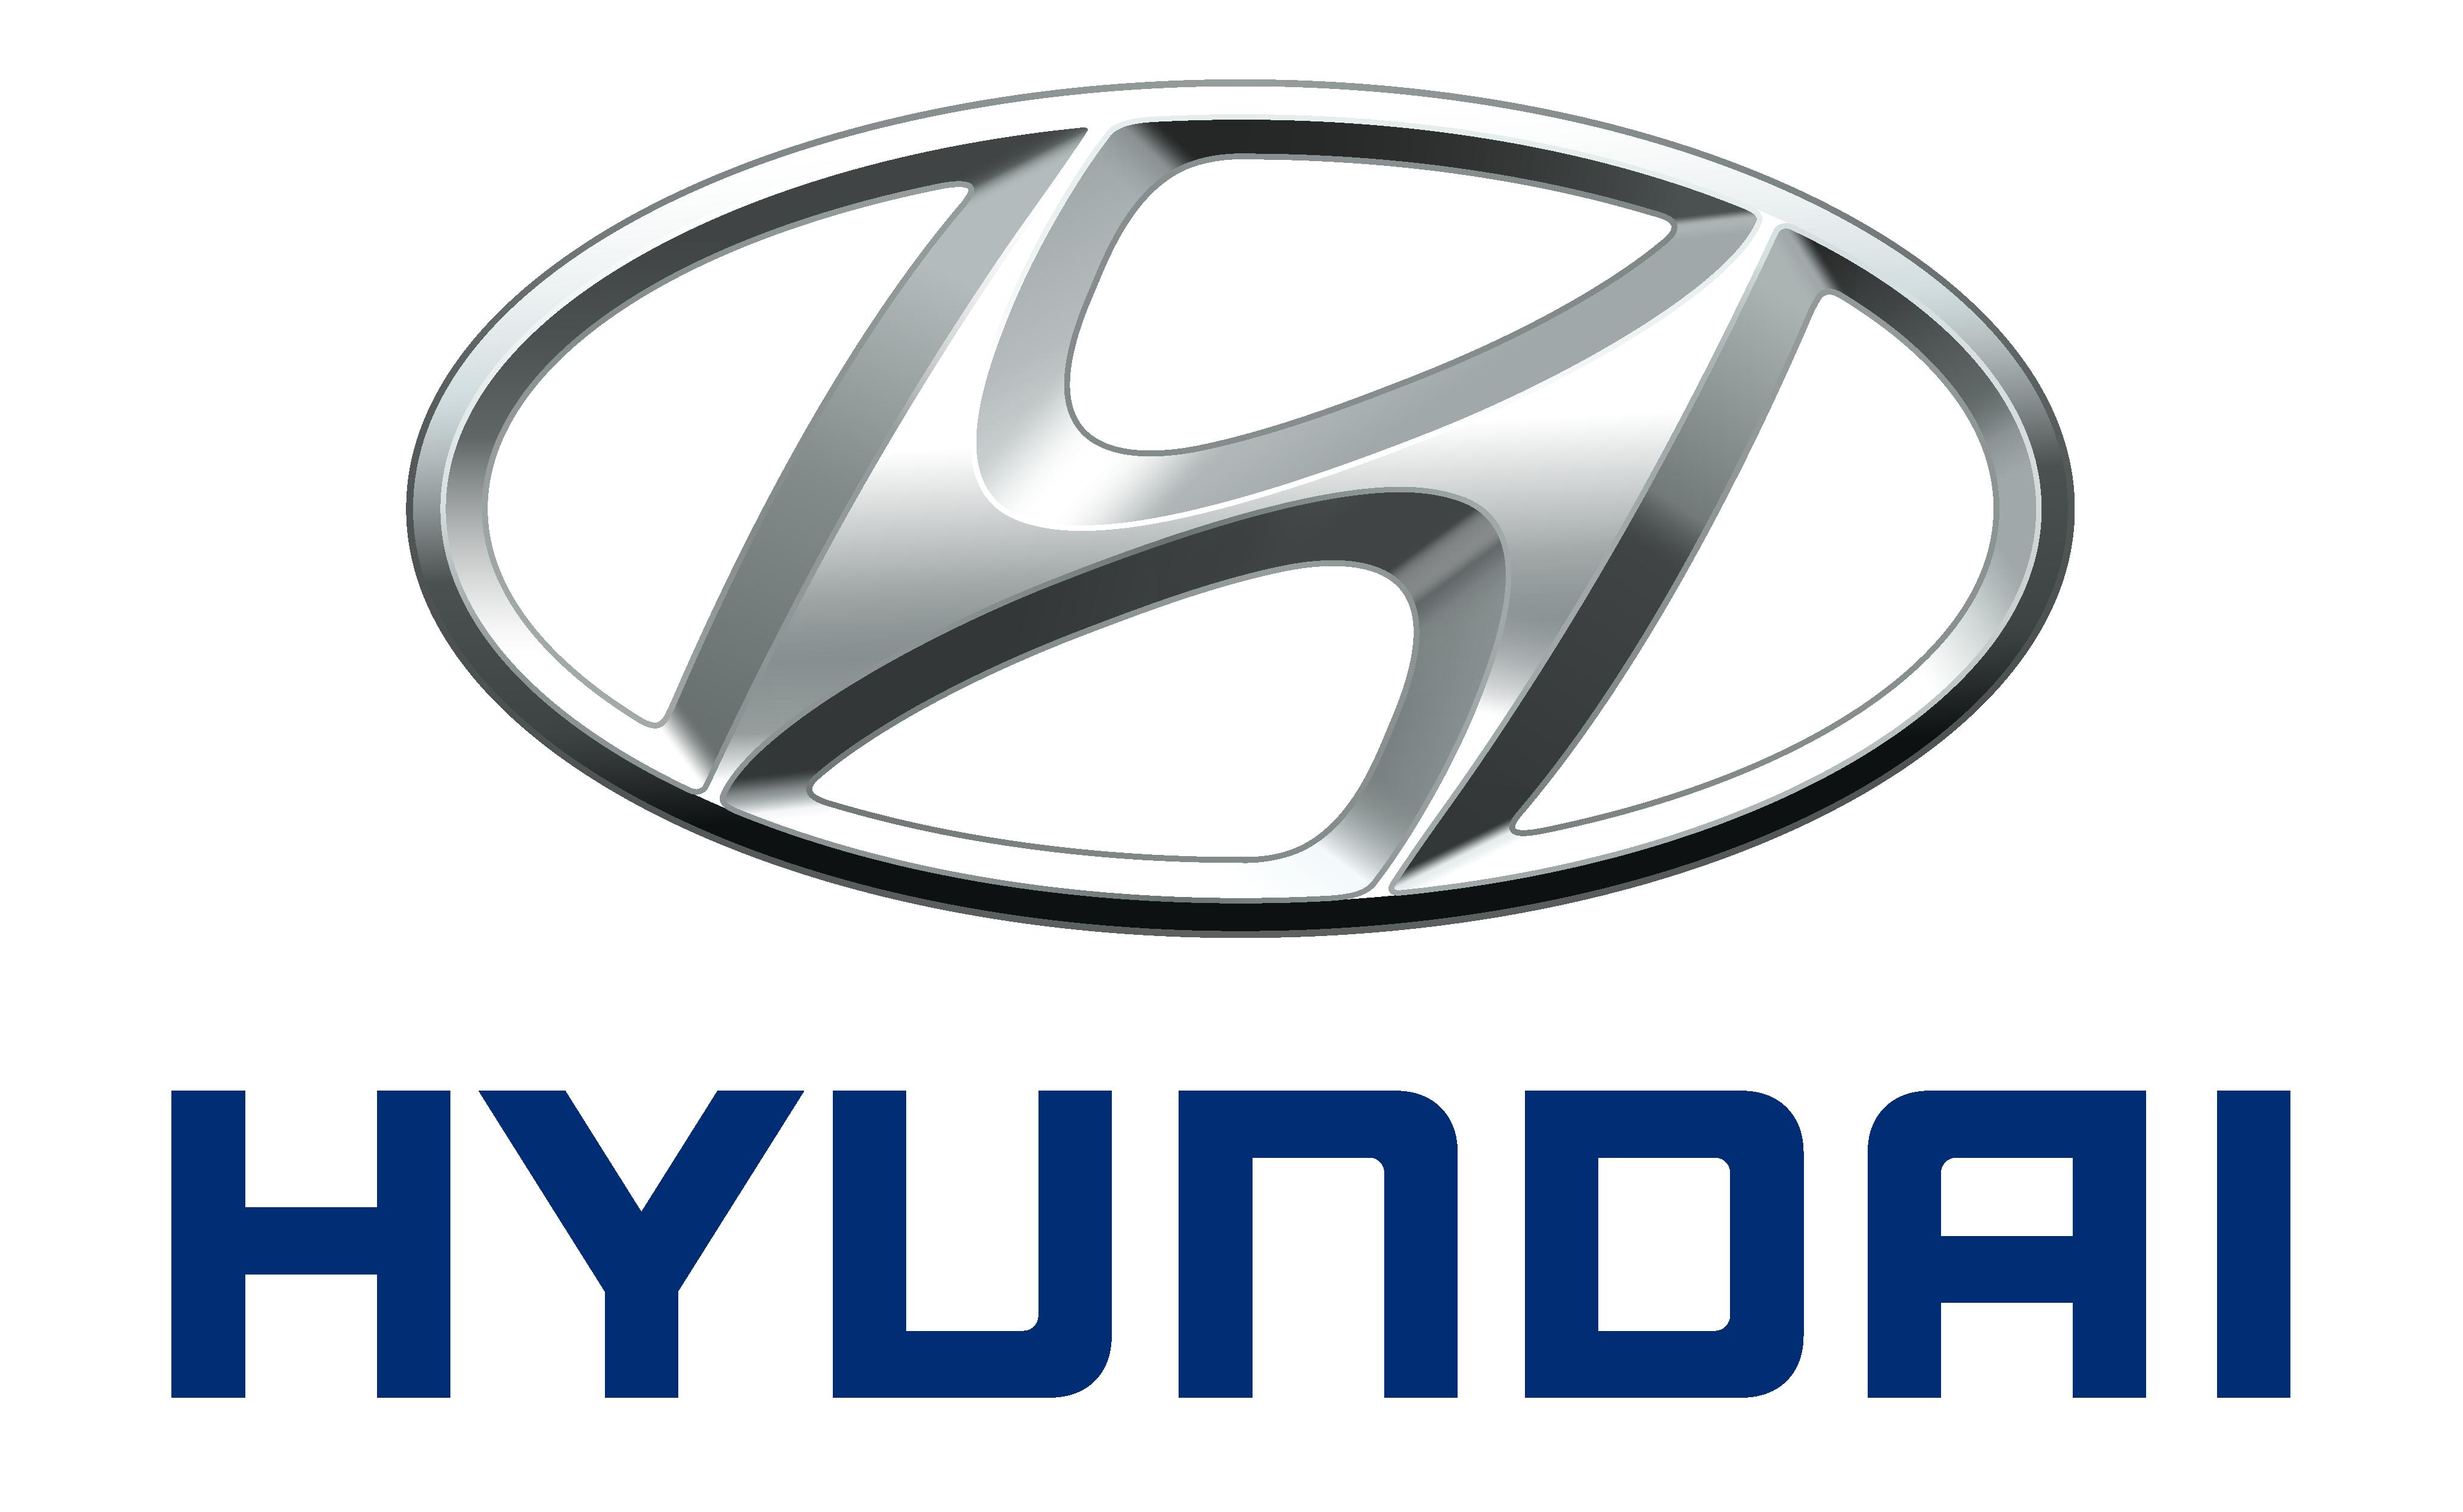 hyundai logo 0 - Hyundai Logo